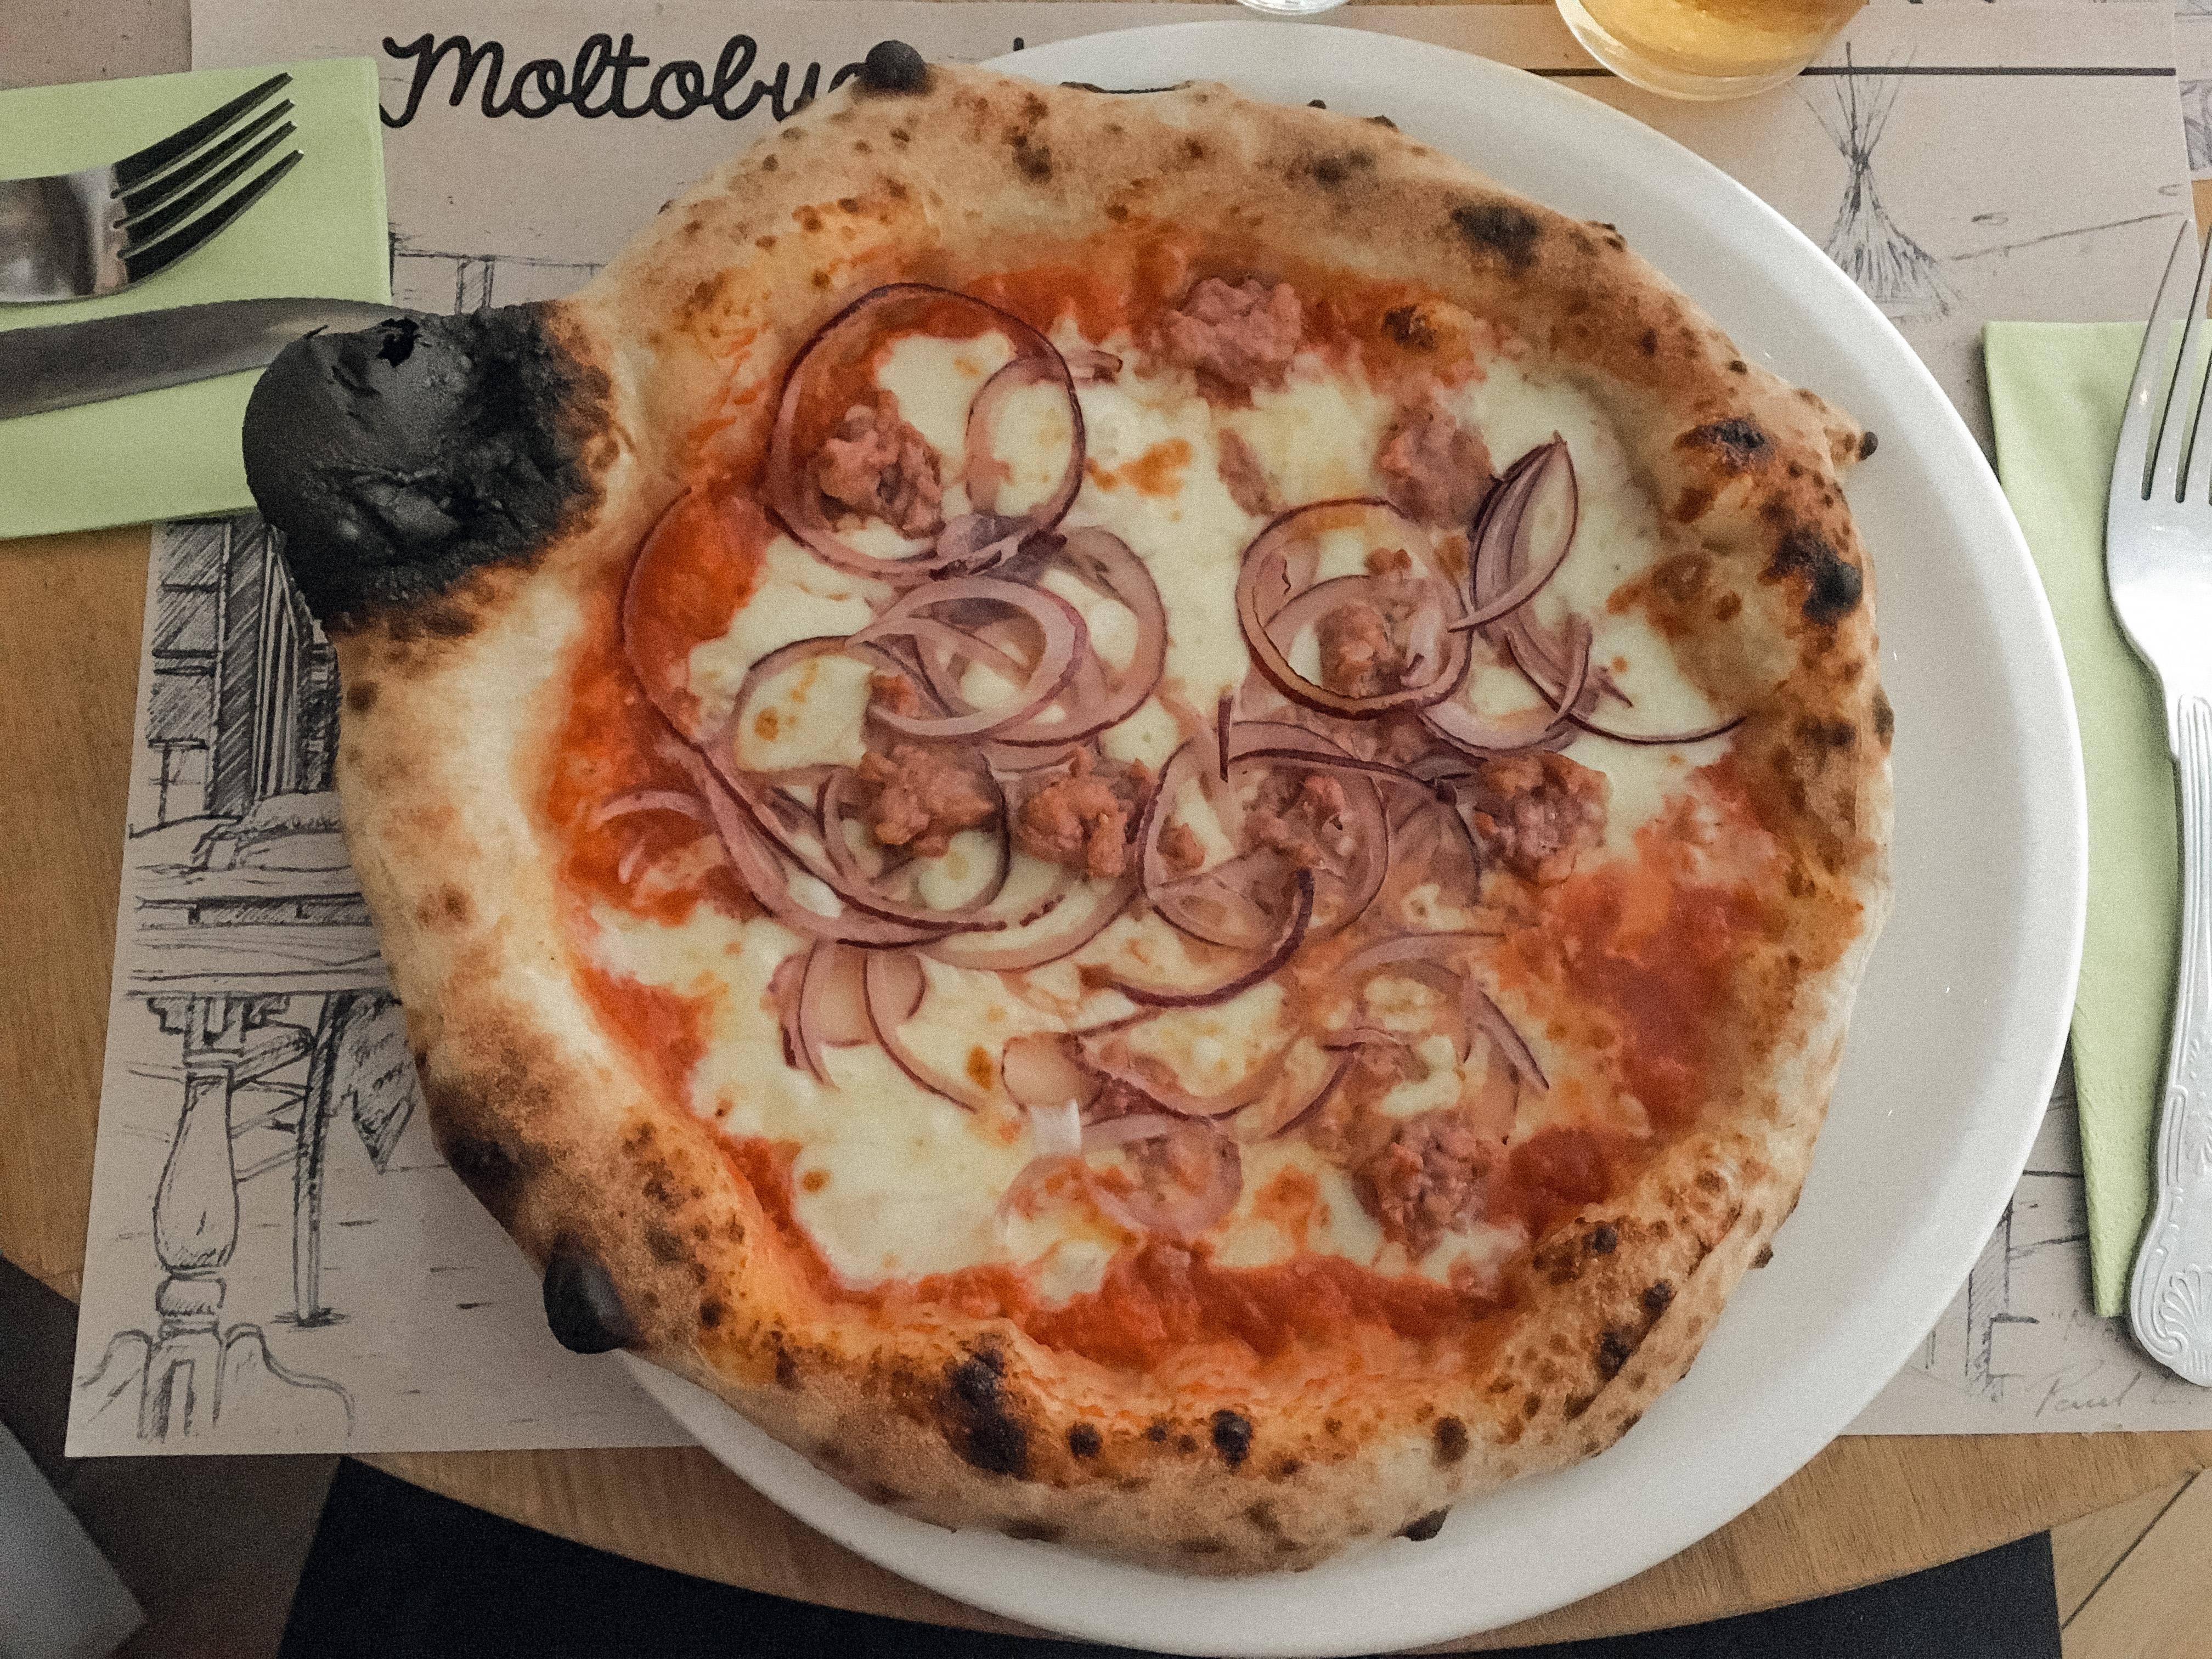 Moltobuono pizza in Bristol